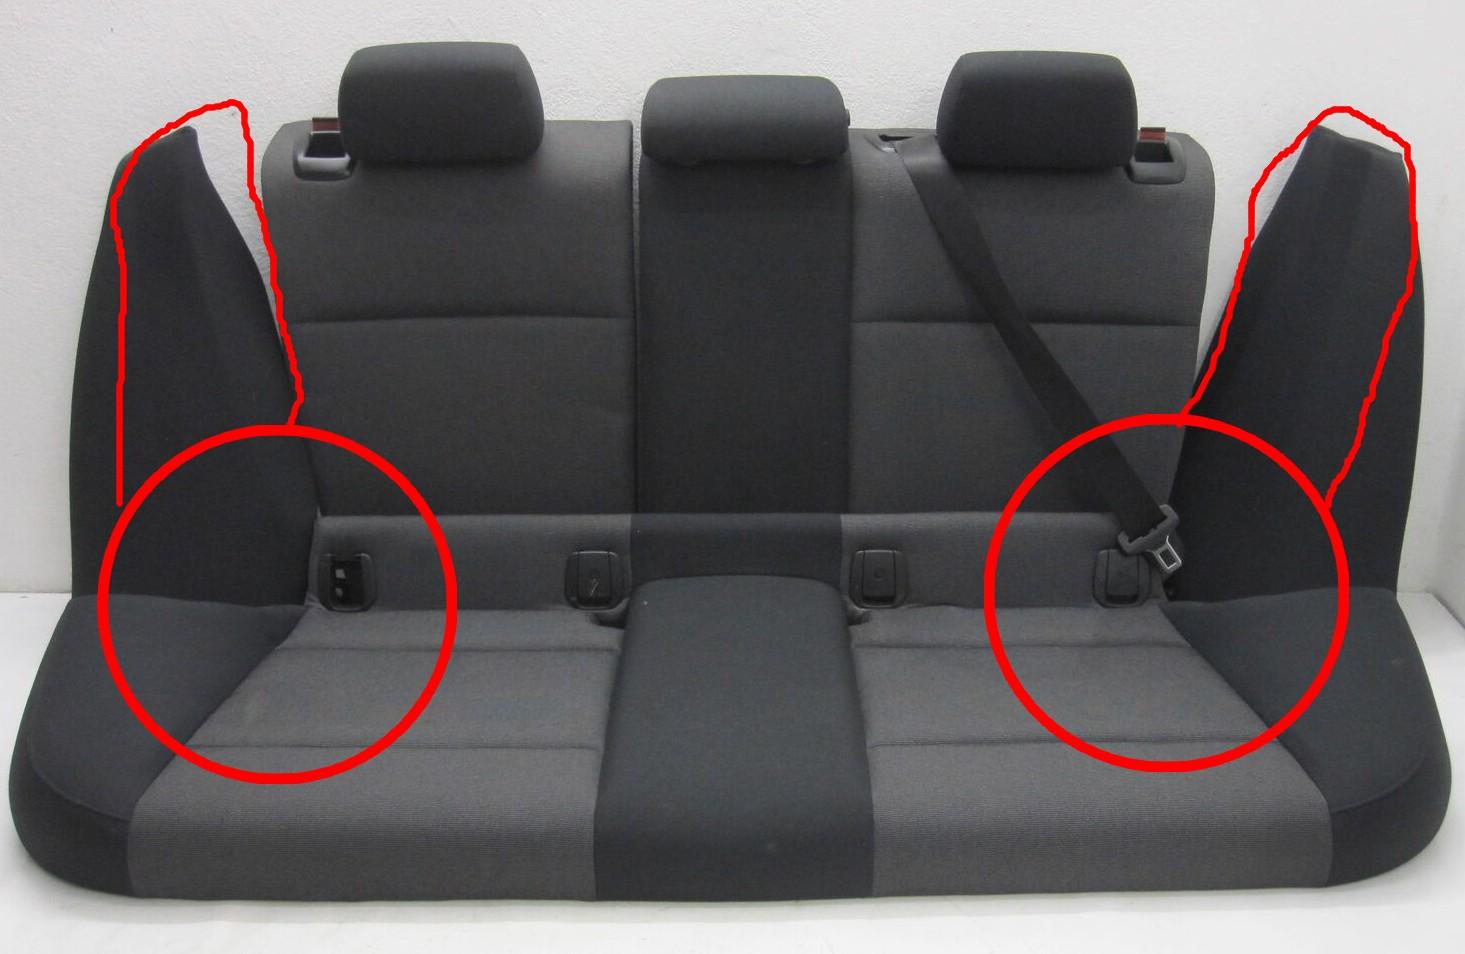 BMW-1er-E87-Rücksitzbank-Sitze-hinten-Basis-anthrazit.jpg